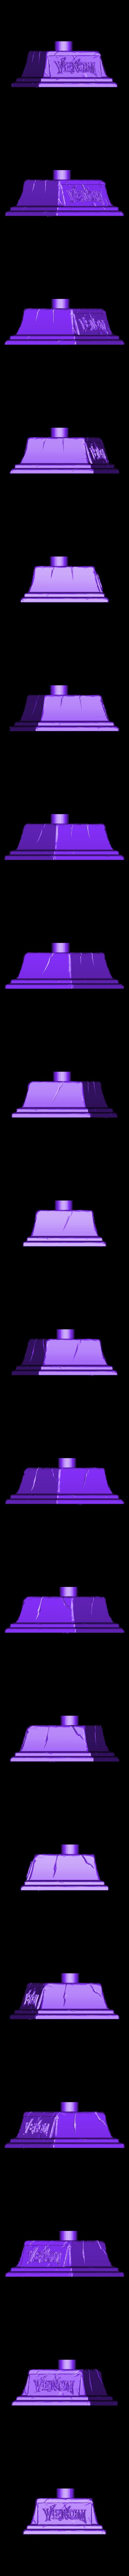 Base.stl Download STL file Venom Bust - Marvel 3D print model • 3D printable design, Bstar3Dart